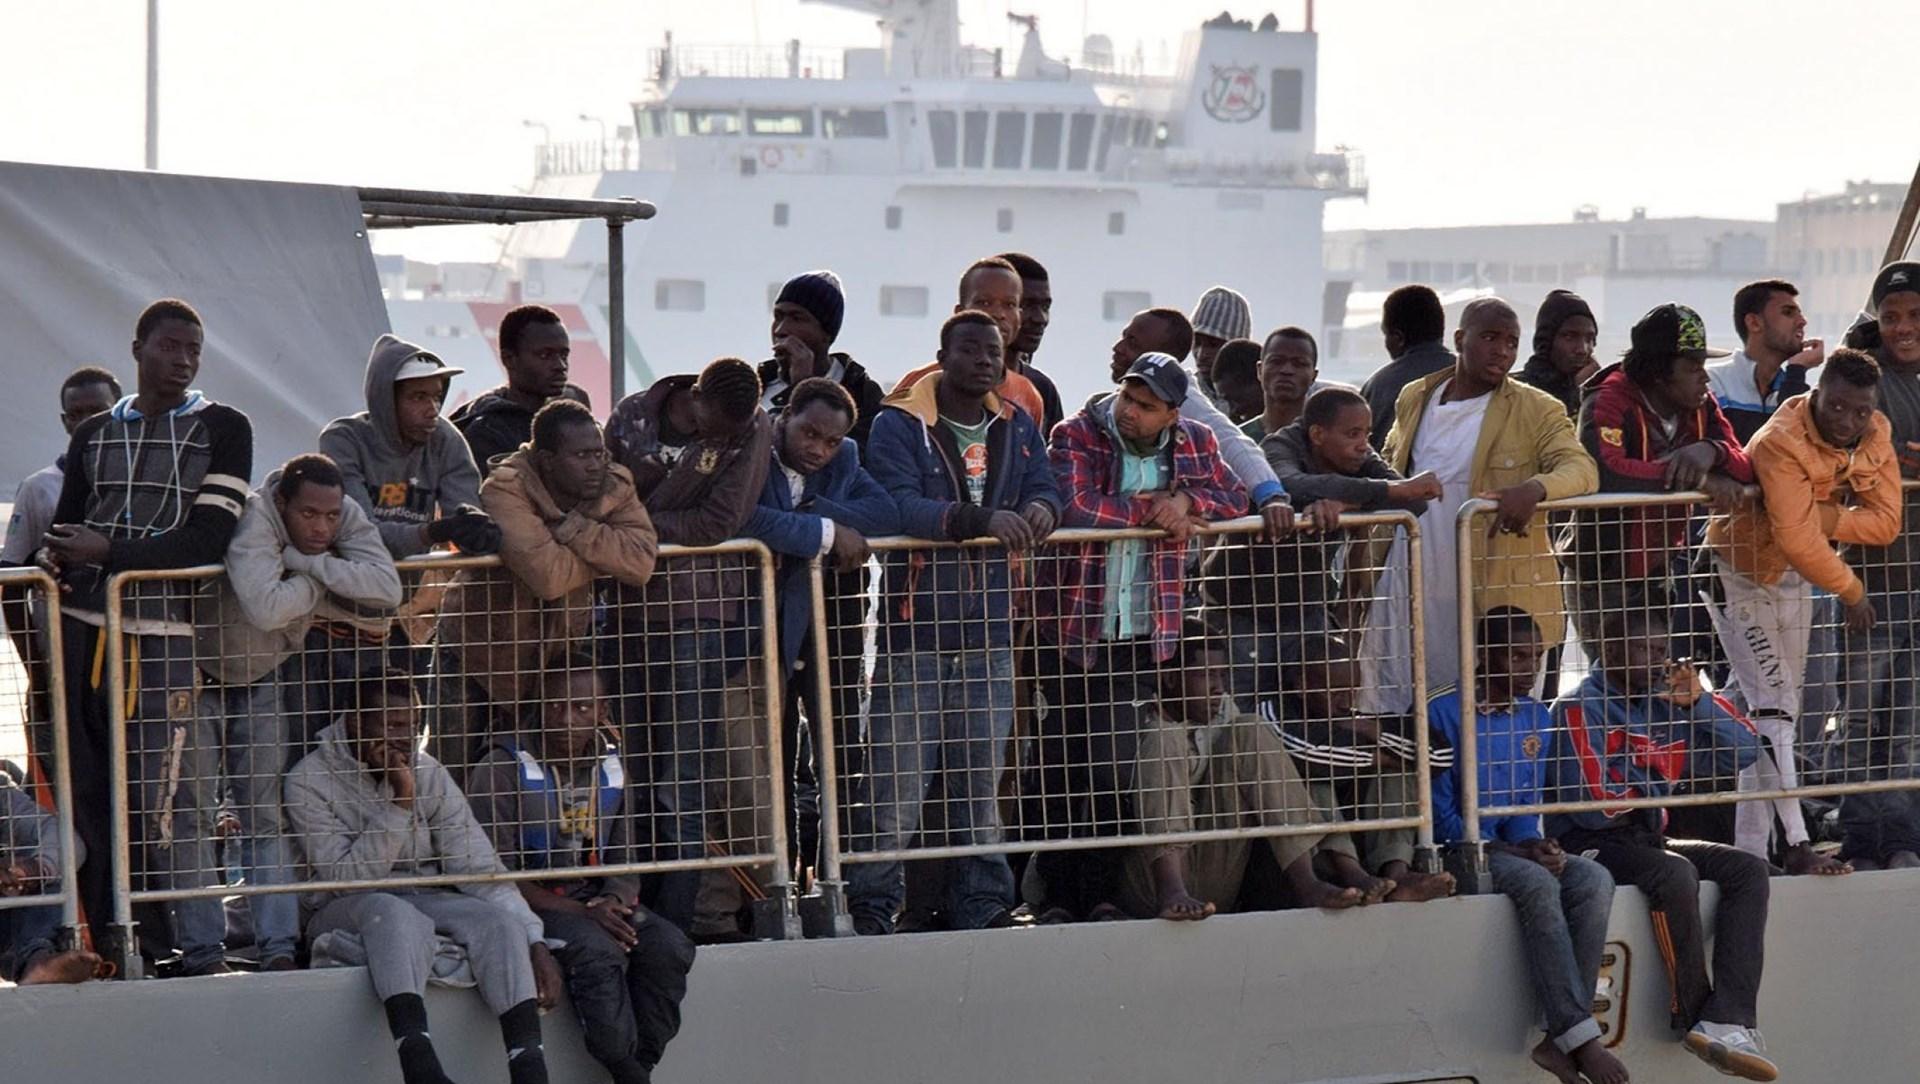 Финляндия достигла своего предела в приеме беженцев